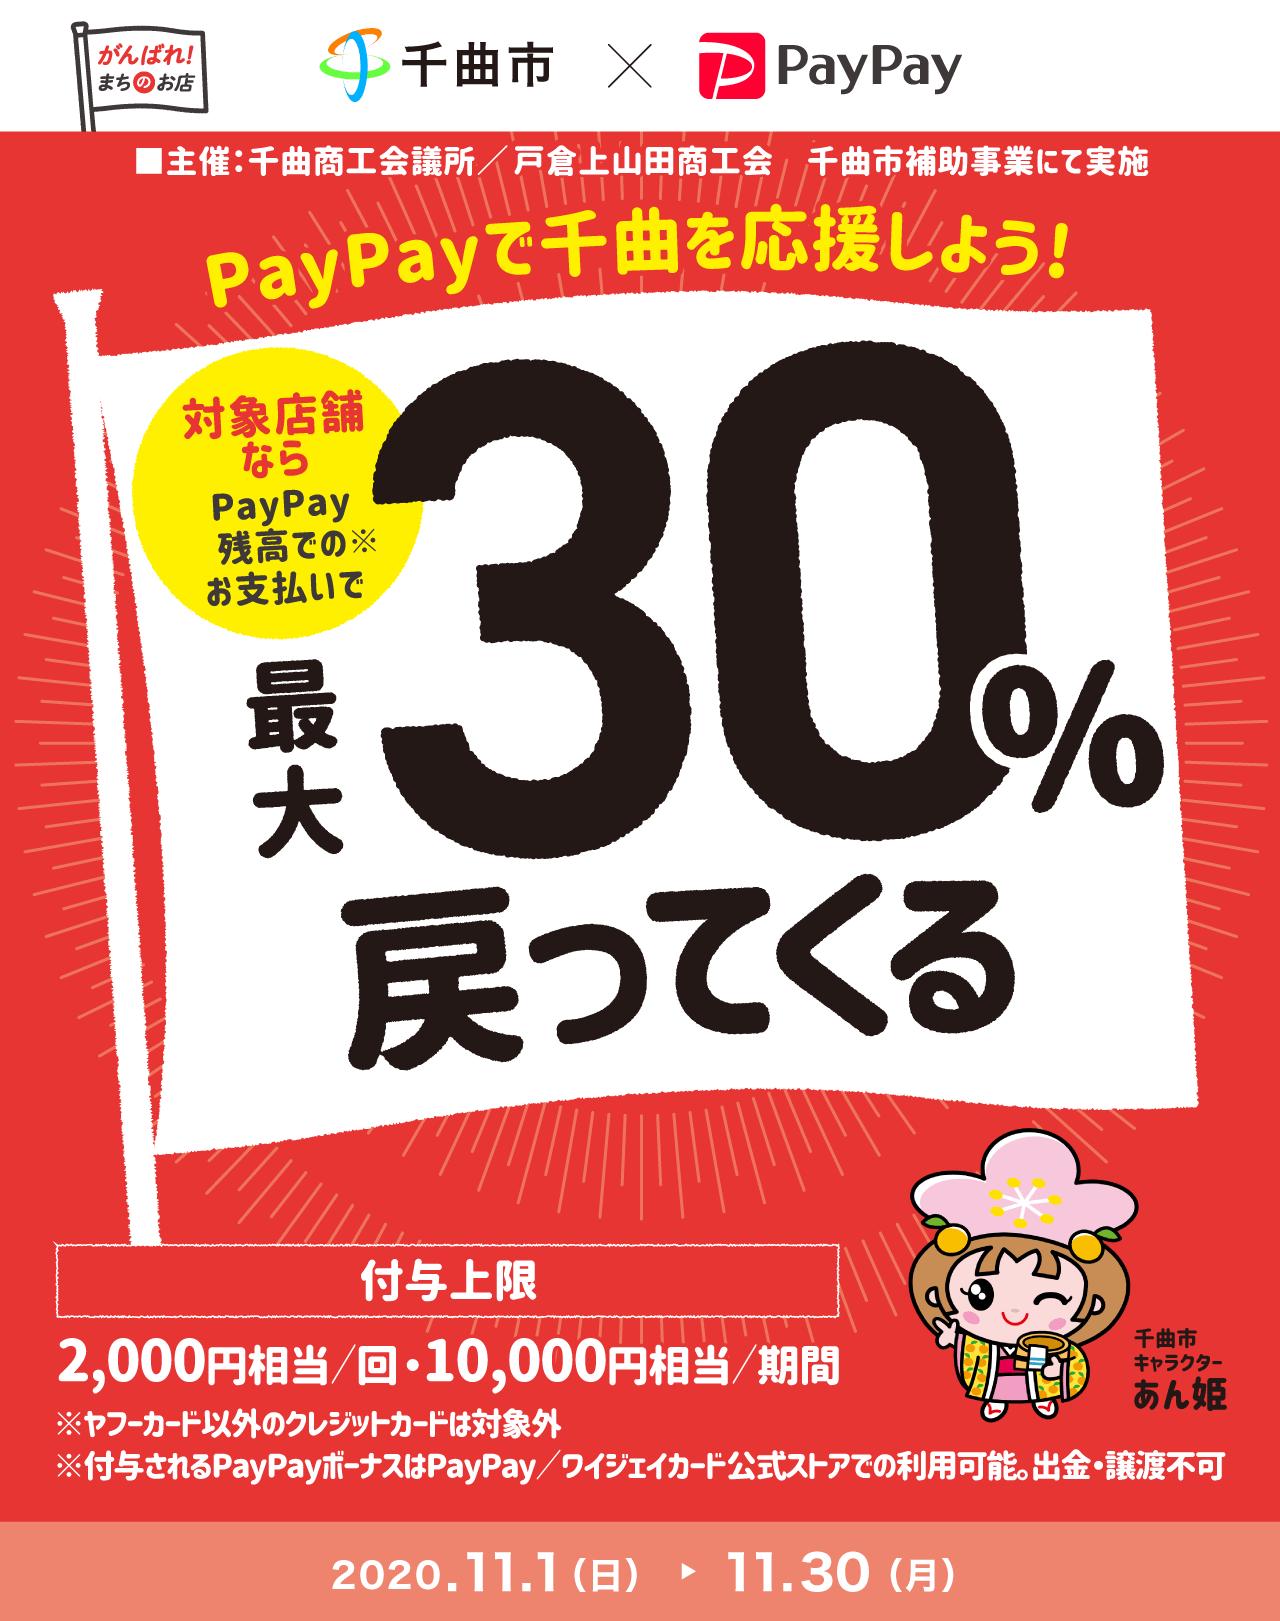 PayPayで千曲市を応援しよう! 対象店舗ならPayPay残高でのお支払いで 最大30%戻ってくる